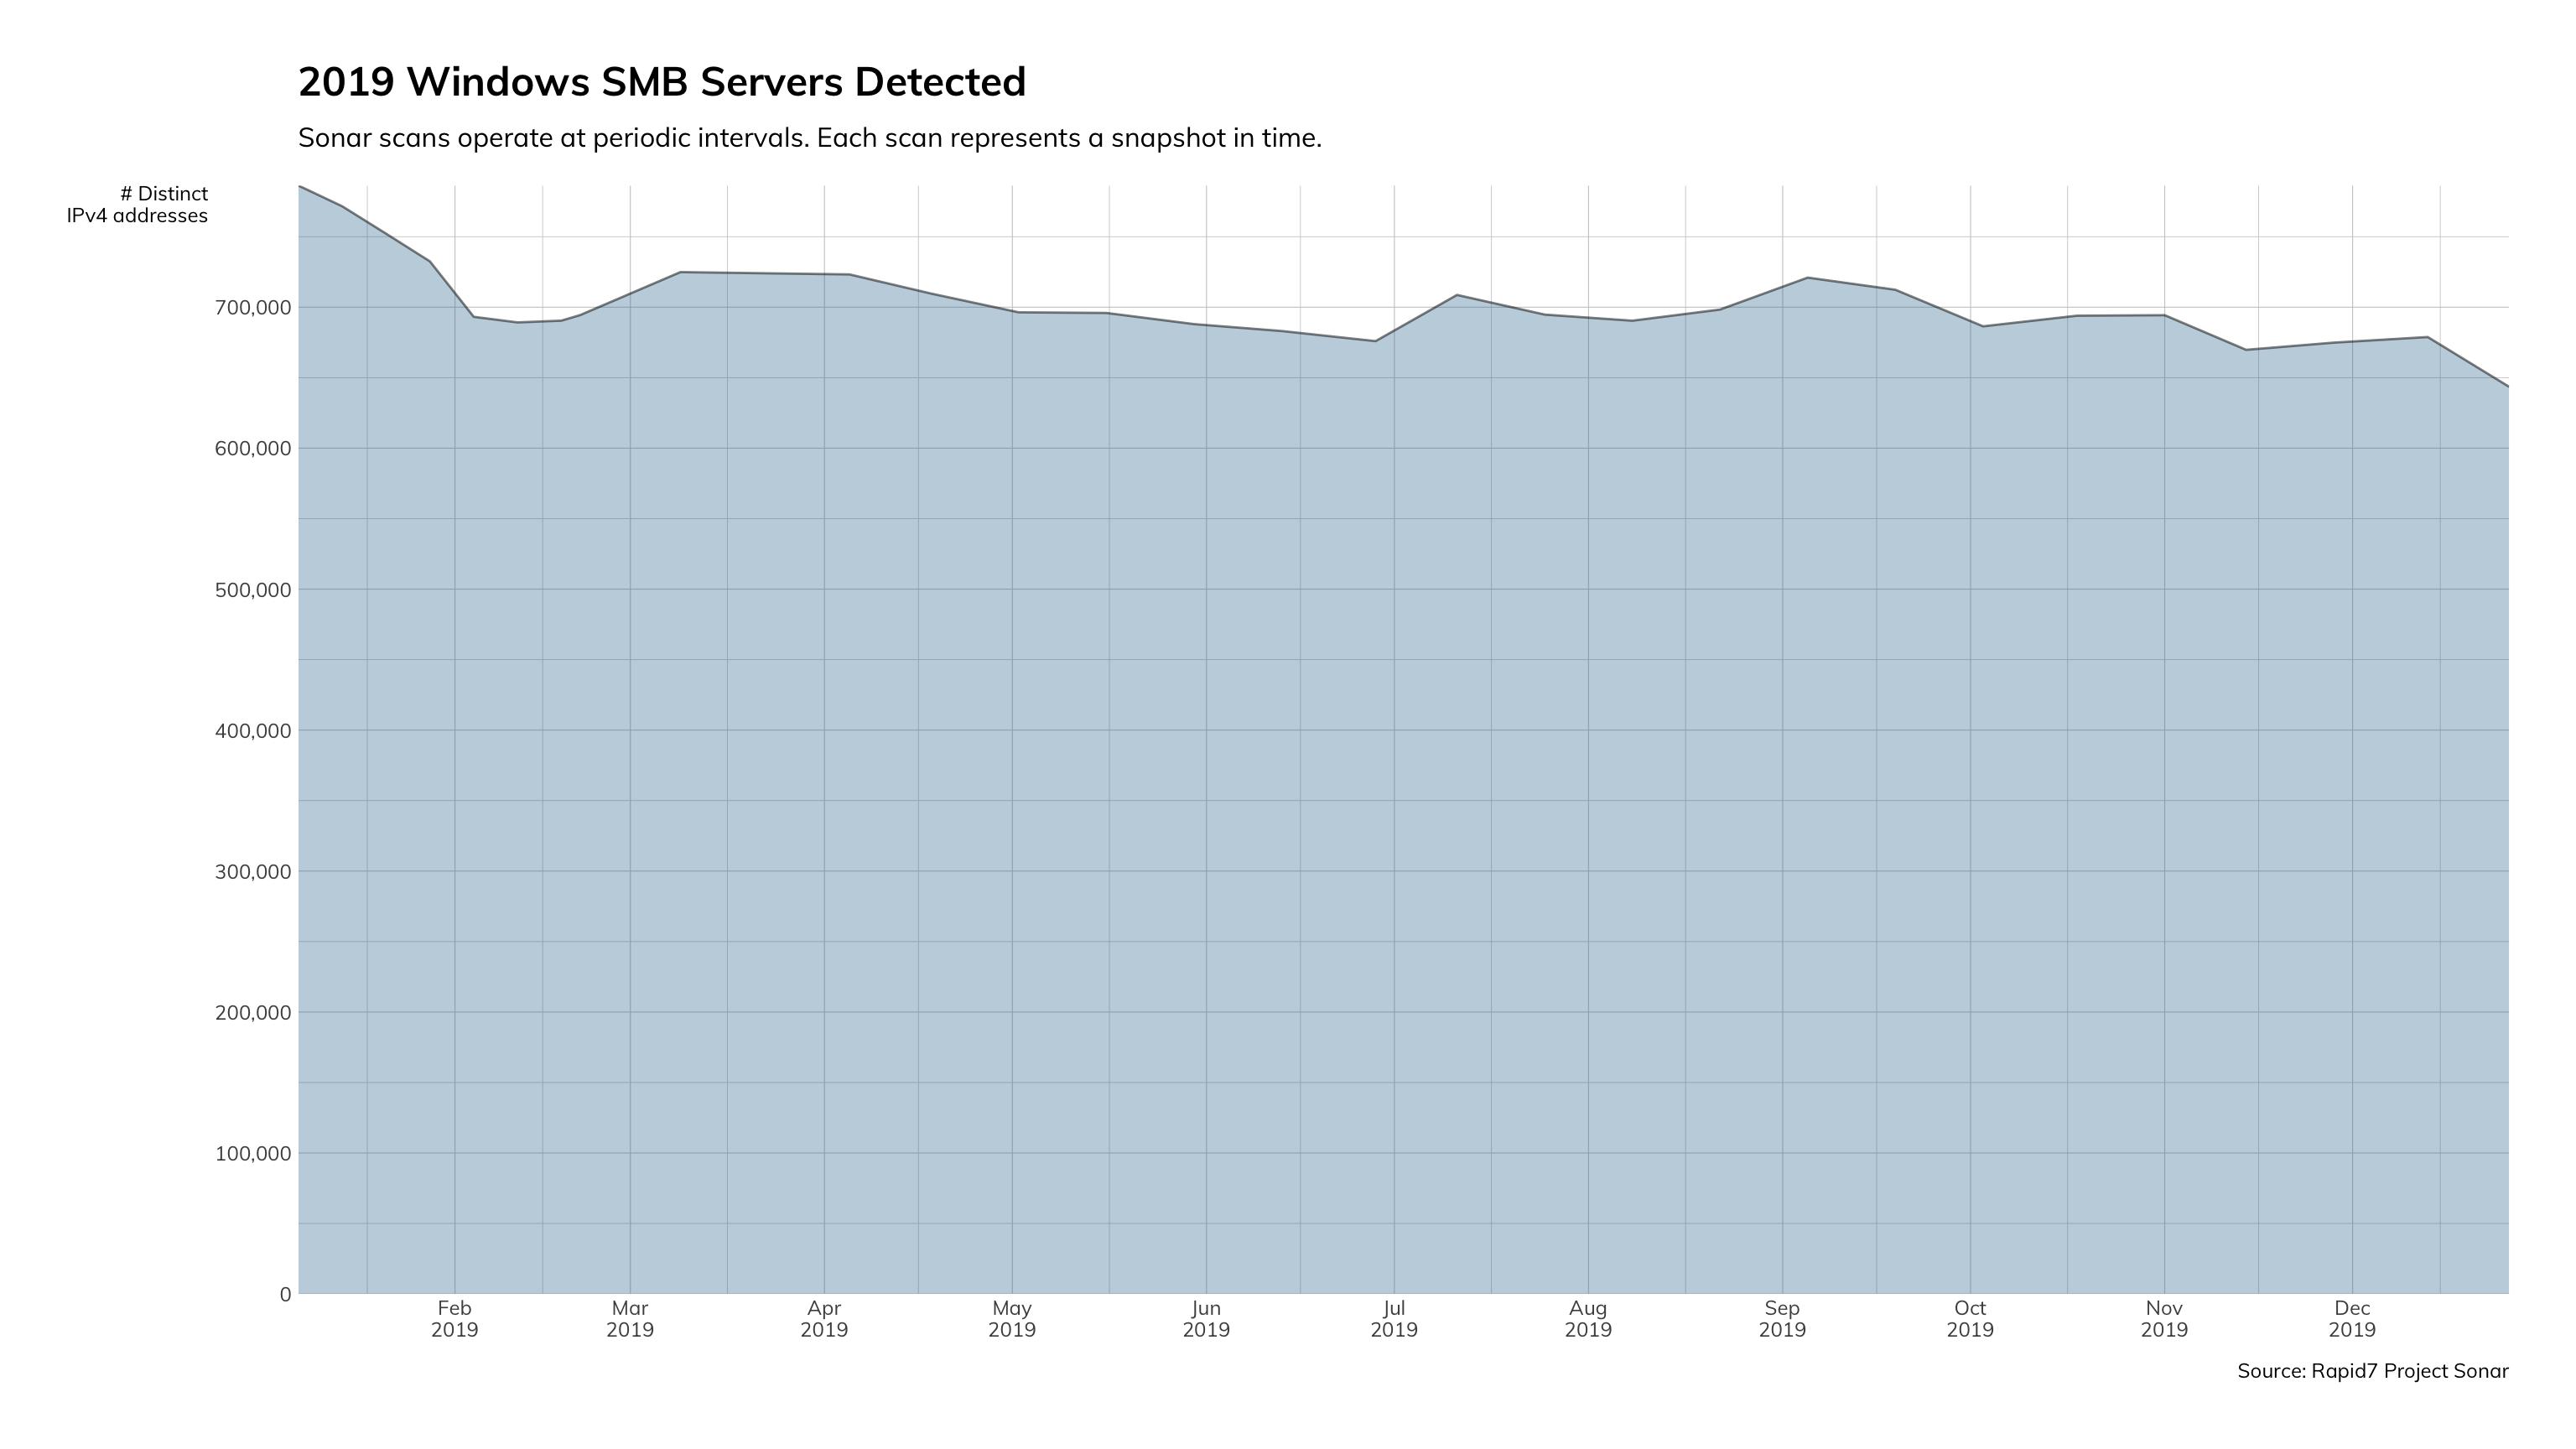 図2: 2019年のWindows SMBサーバー検知件数